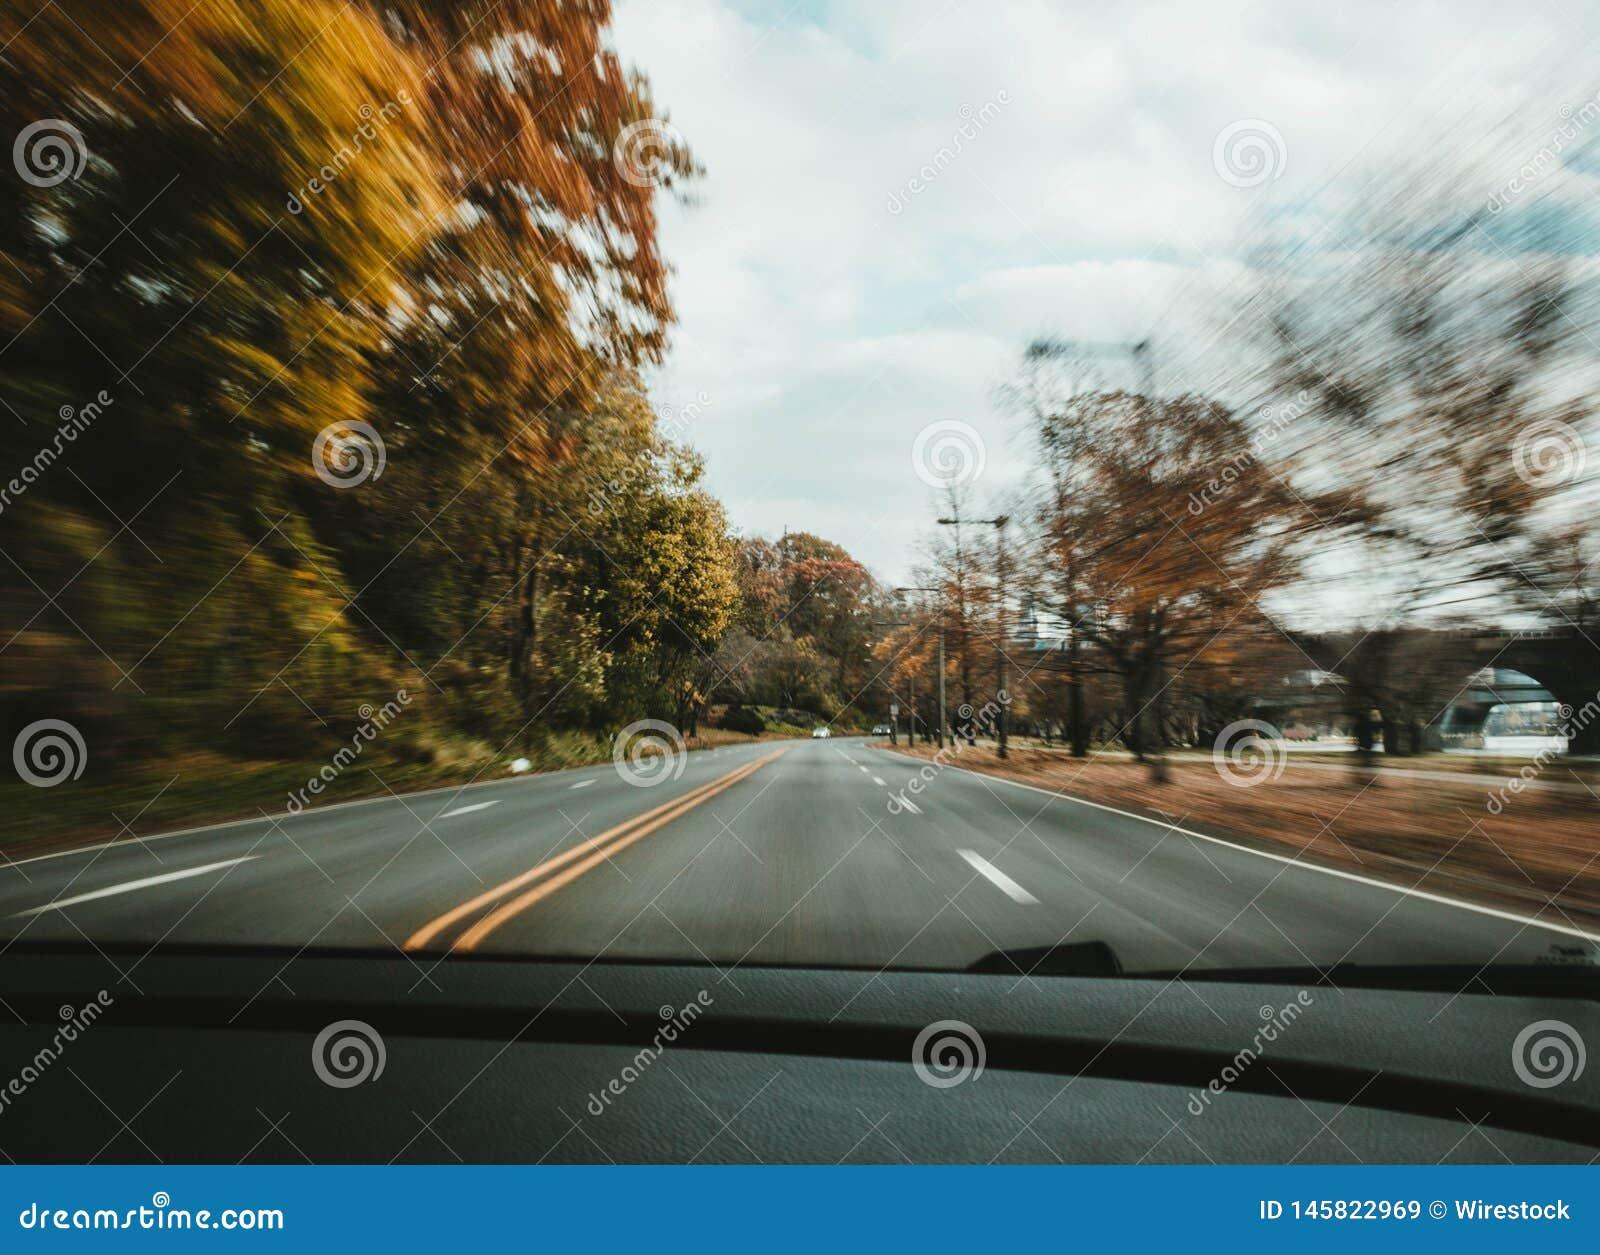 Μια γρήγορη μετακίνηση αυτοκινήτων στο δρόμο με τα δέντρα